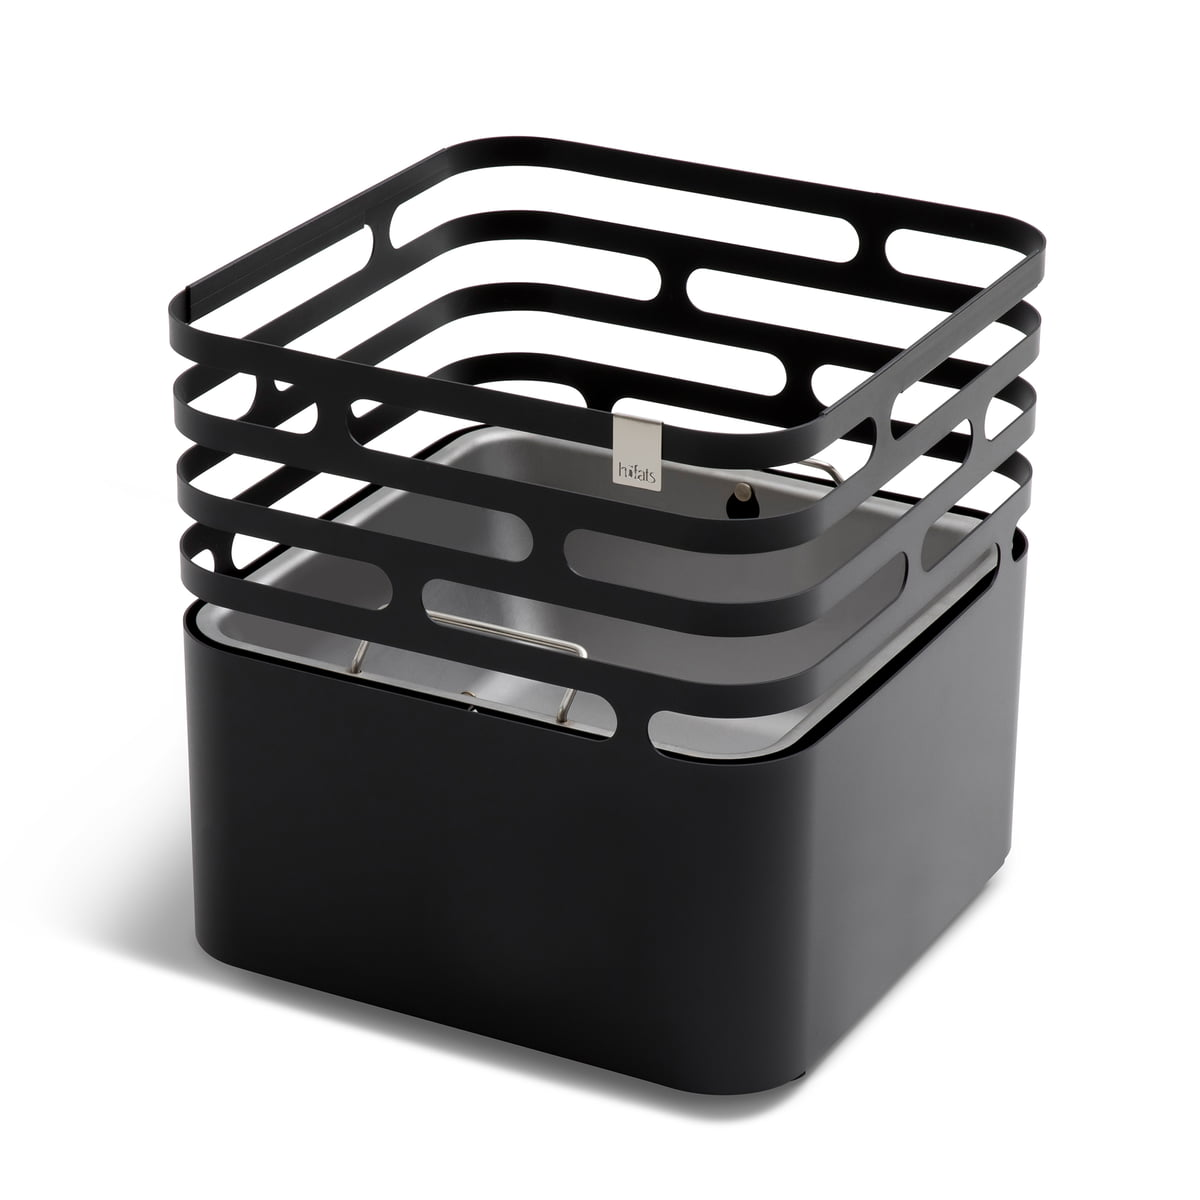 cube feuerkorb von h fats im shop kaufen. Black Bedroom Furniture Sets. Home Design Ideas